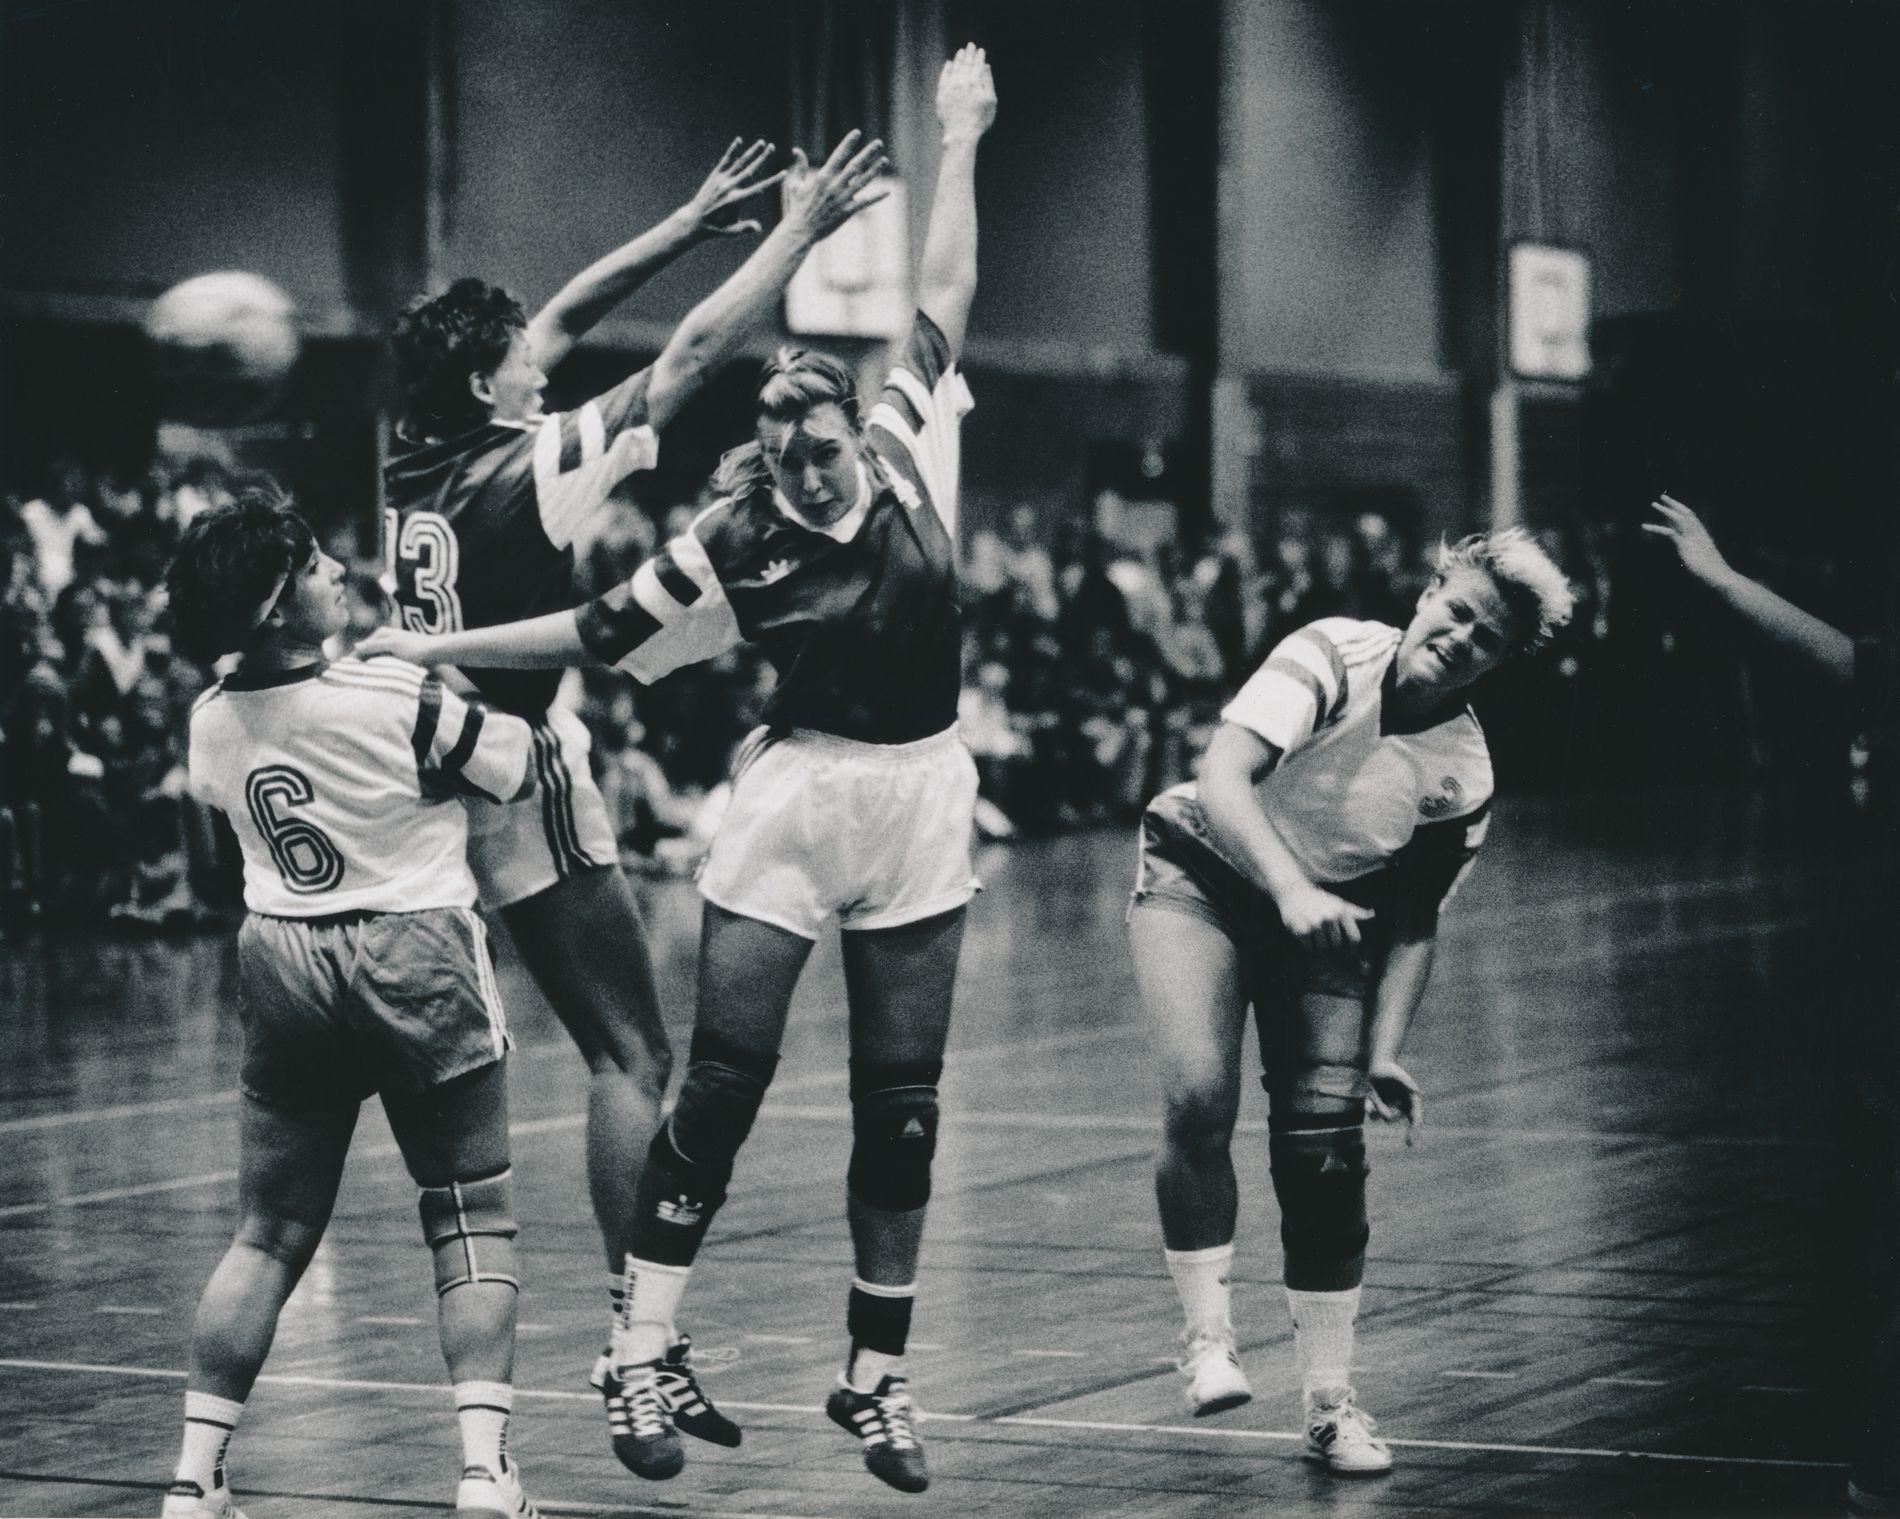 Våg vant fire av de fem første kampene i debutsesongen på nivå 2 høsten 1991. Åse Birkrem ble toppscorer med sju mål i denne 19–15-seieren mot Tertnes.